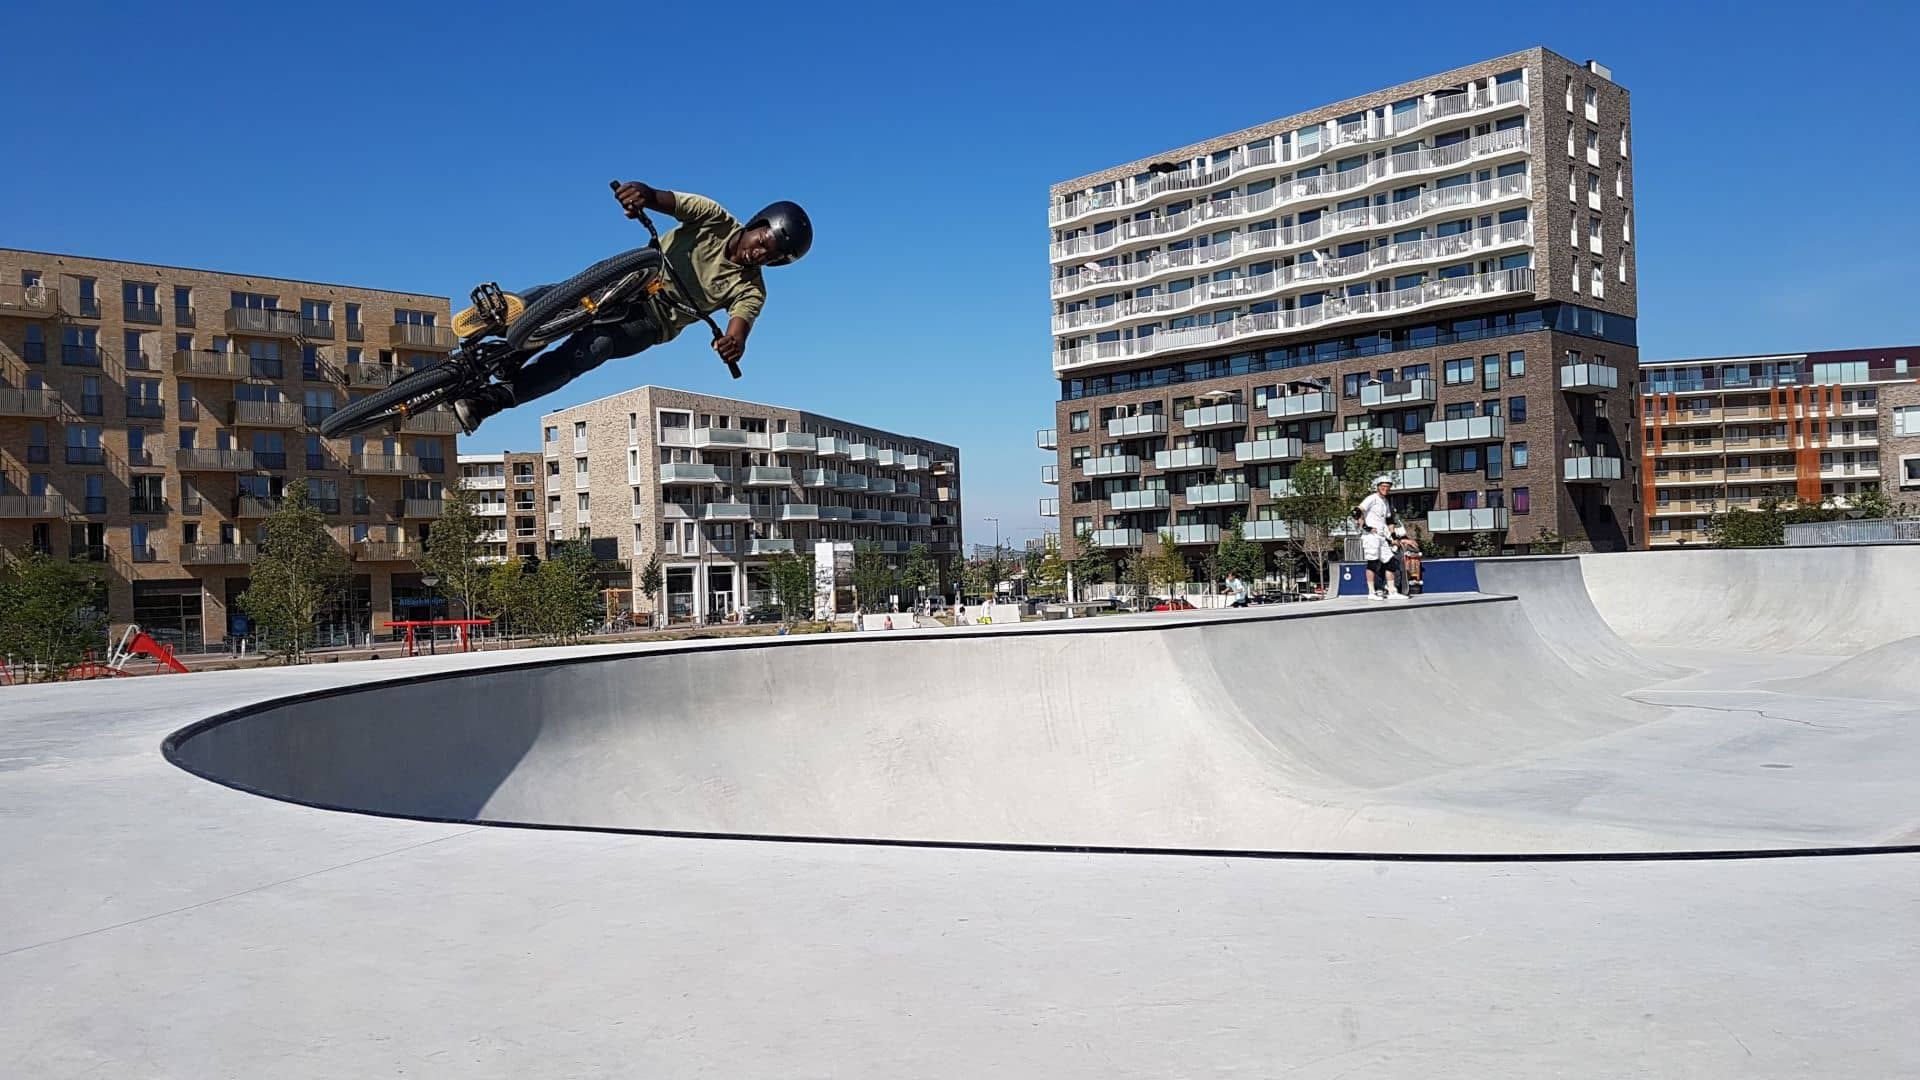 Crossfietser op skatebaan op het Zeeburgereiland in Amsterdam